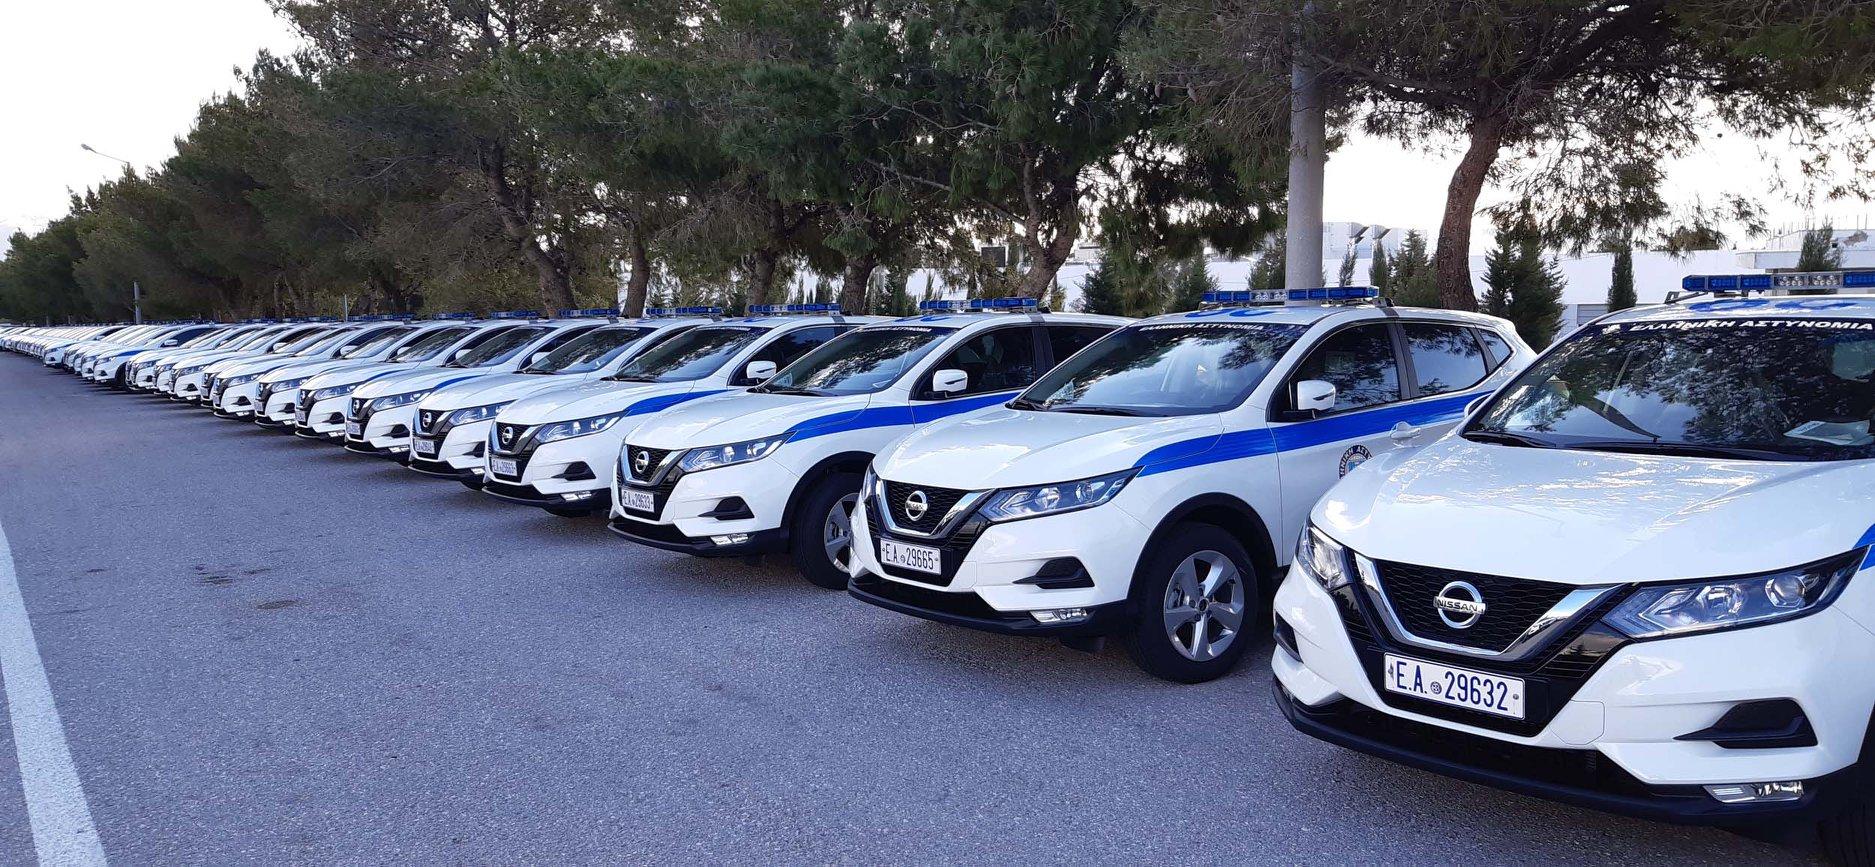 Nissan-Qashqai-greek-police-1